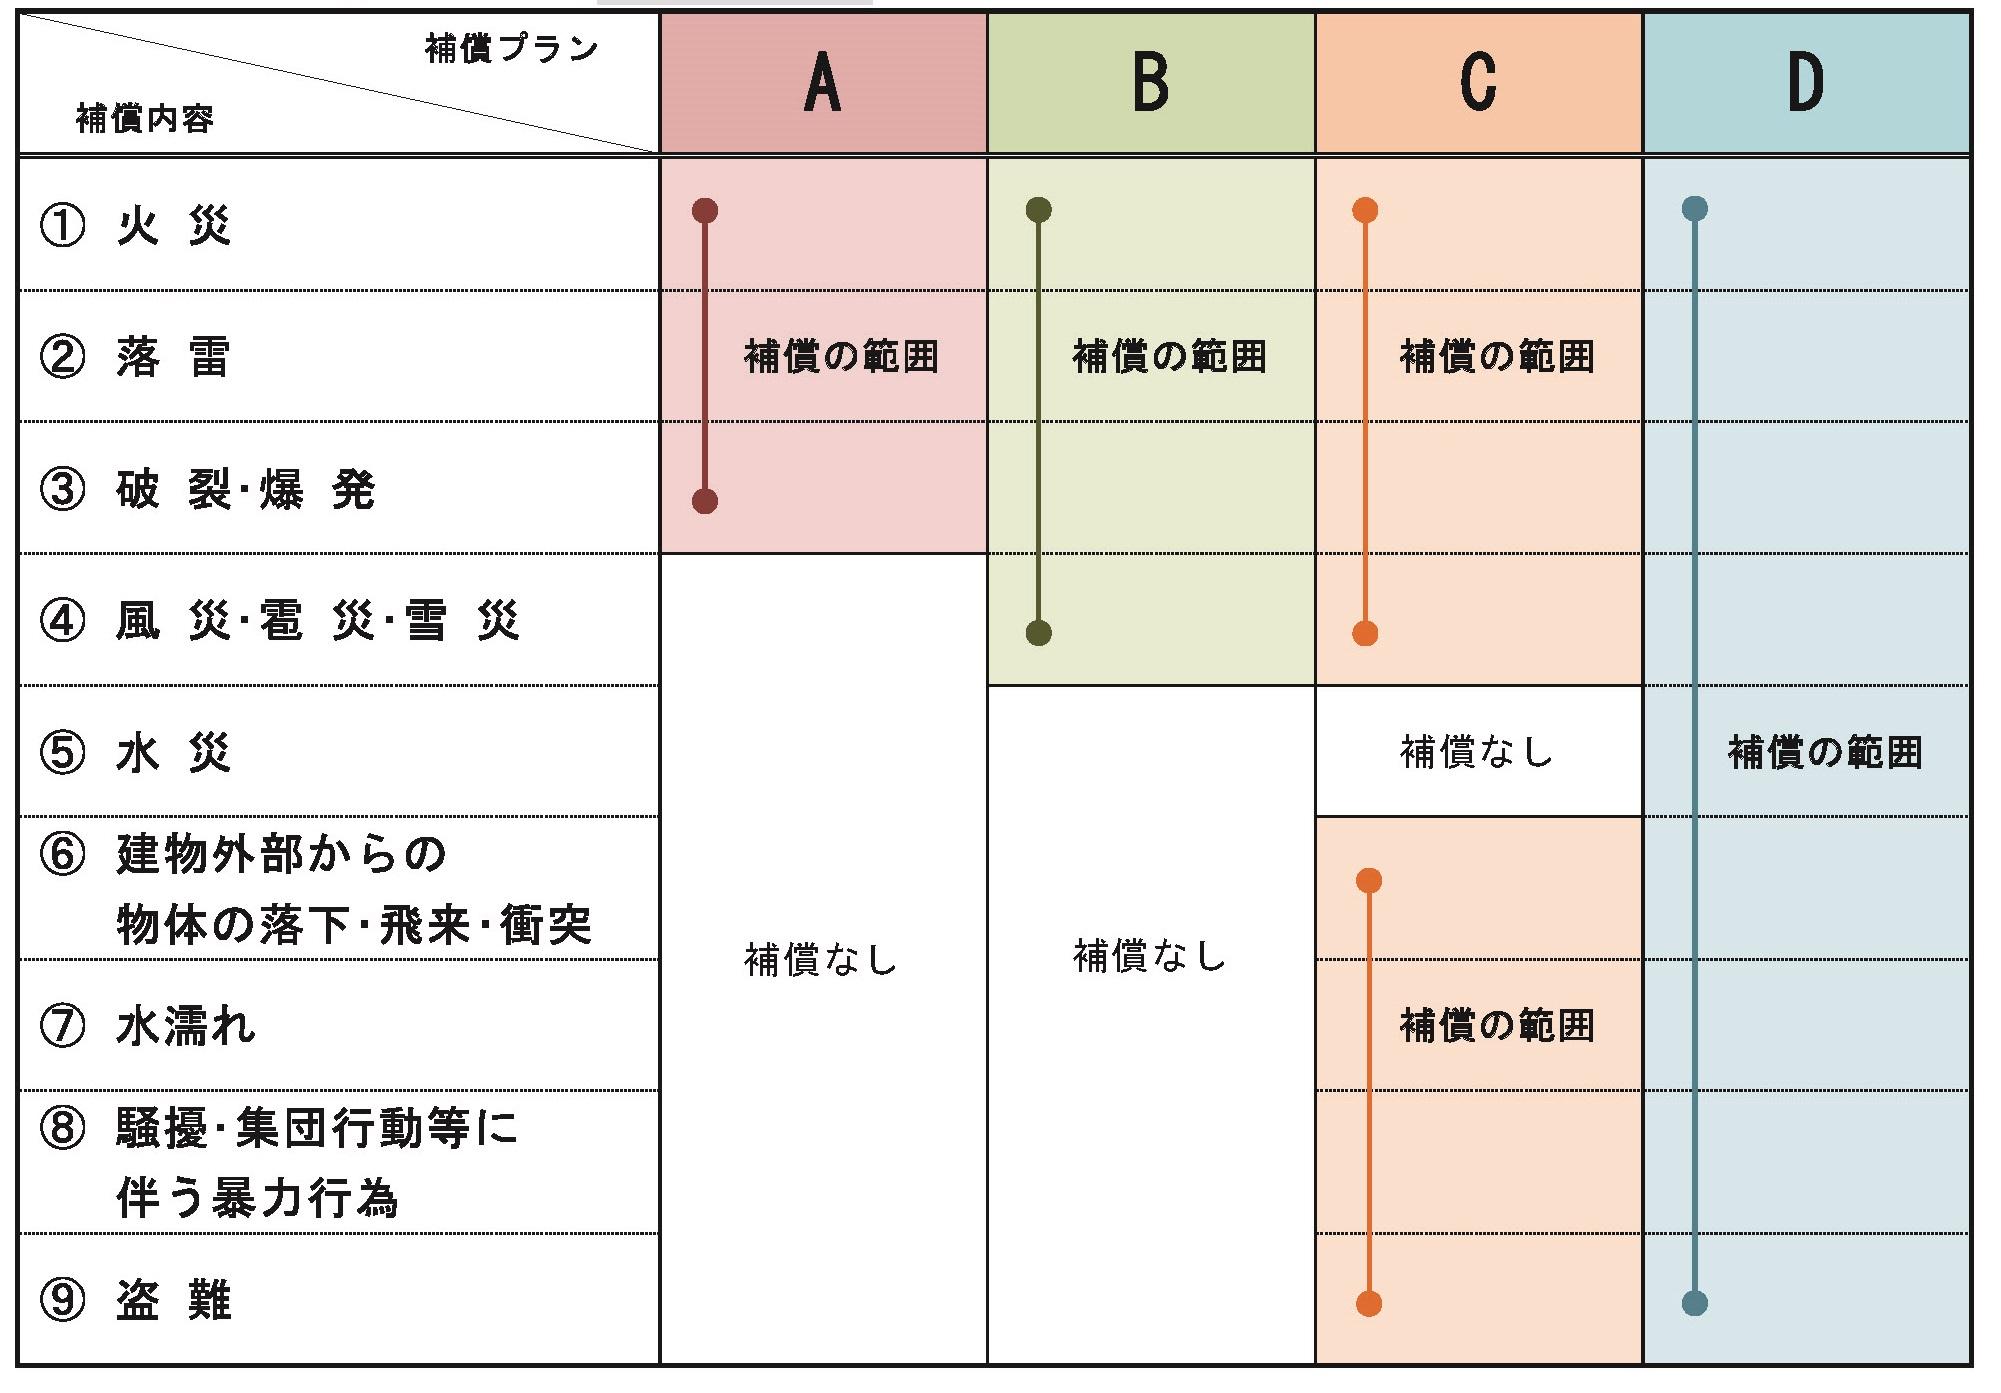 25%e3%80%80%e7%81%ab%e7%81%bd%e5%85%b1%e6%b8%882%e3%80%80%e6%96%b0%e7%b7%8f%e5%90%88%e7%81%ab%e7%81%bd%e5%85%b1%e6%b8%88%e7%b7%a8%e9%9b%86